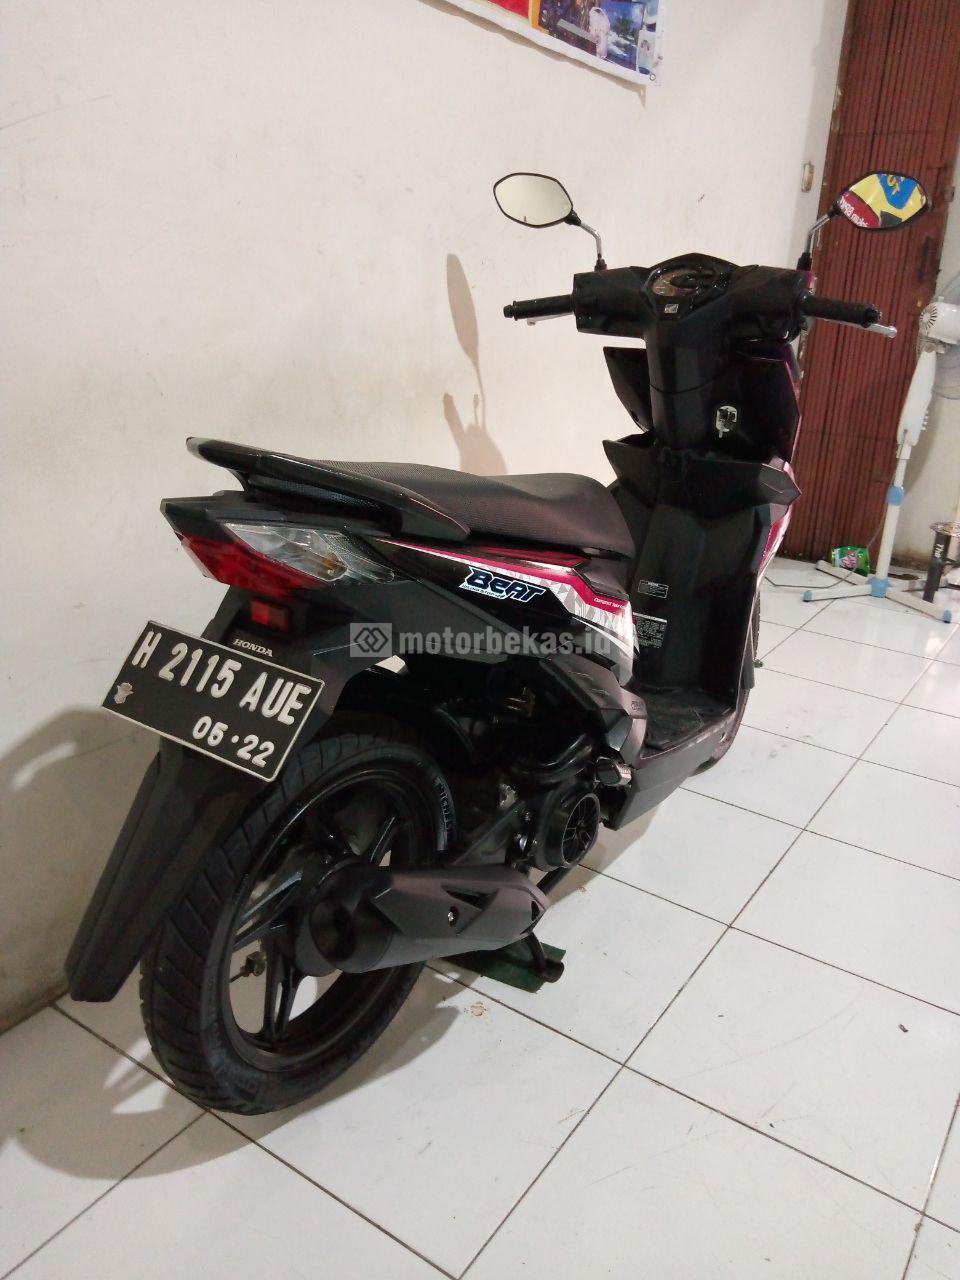 HONDA BEAT  3464 motorbekas.id